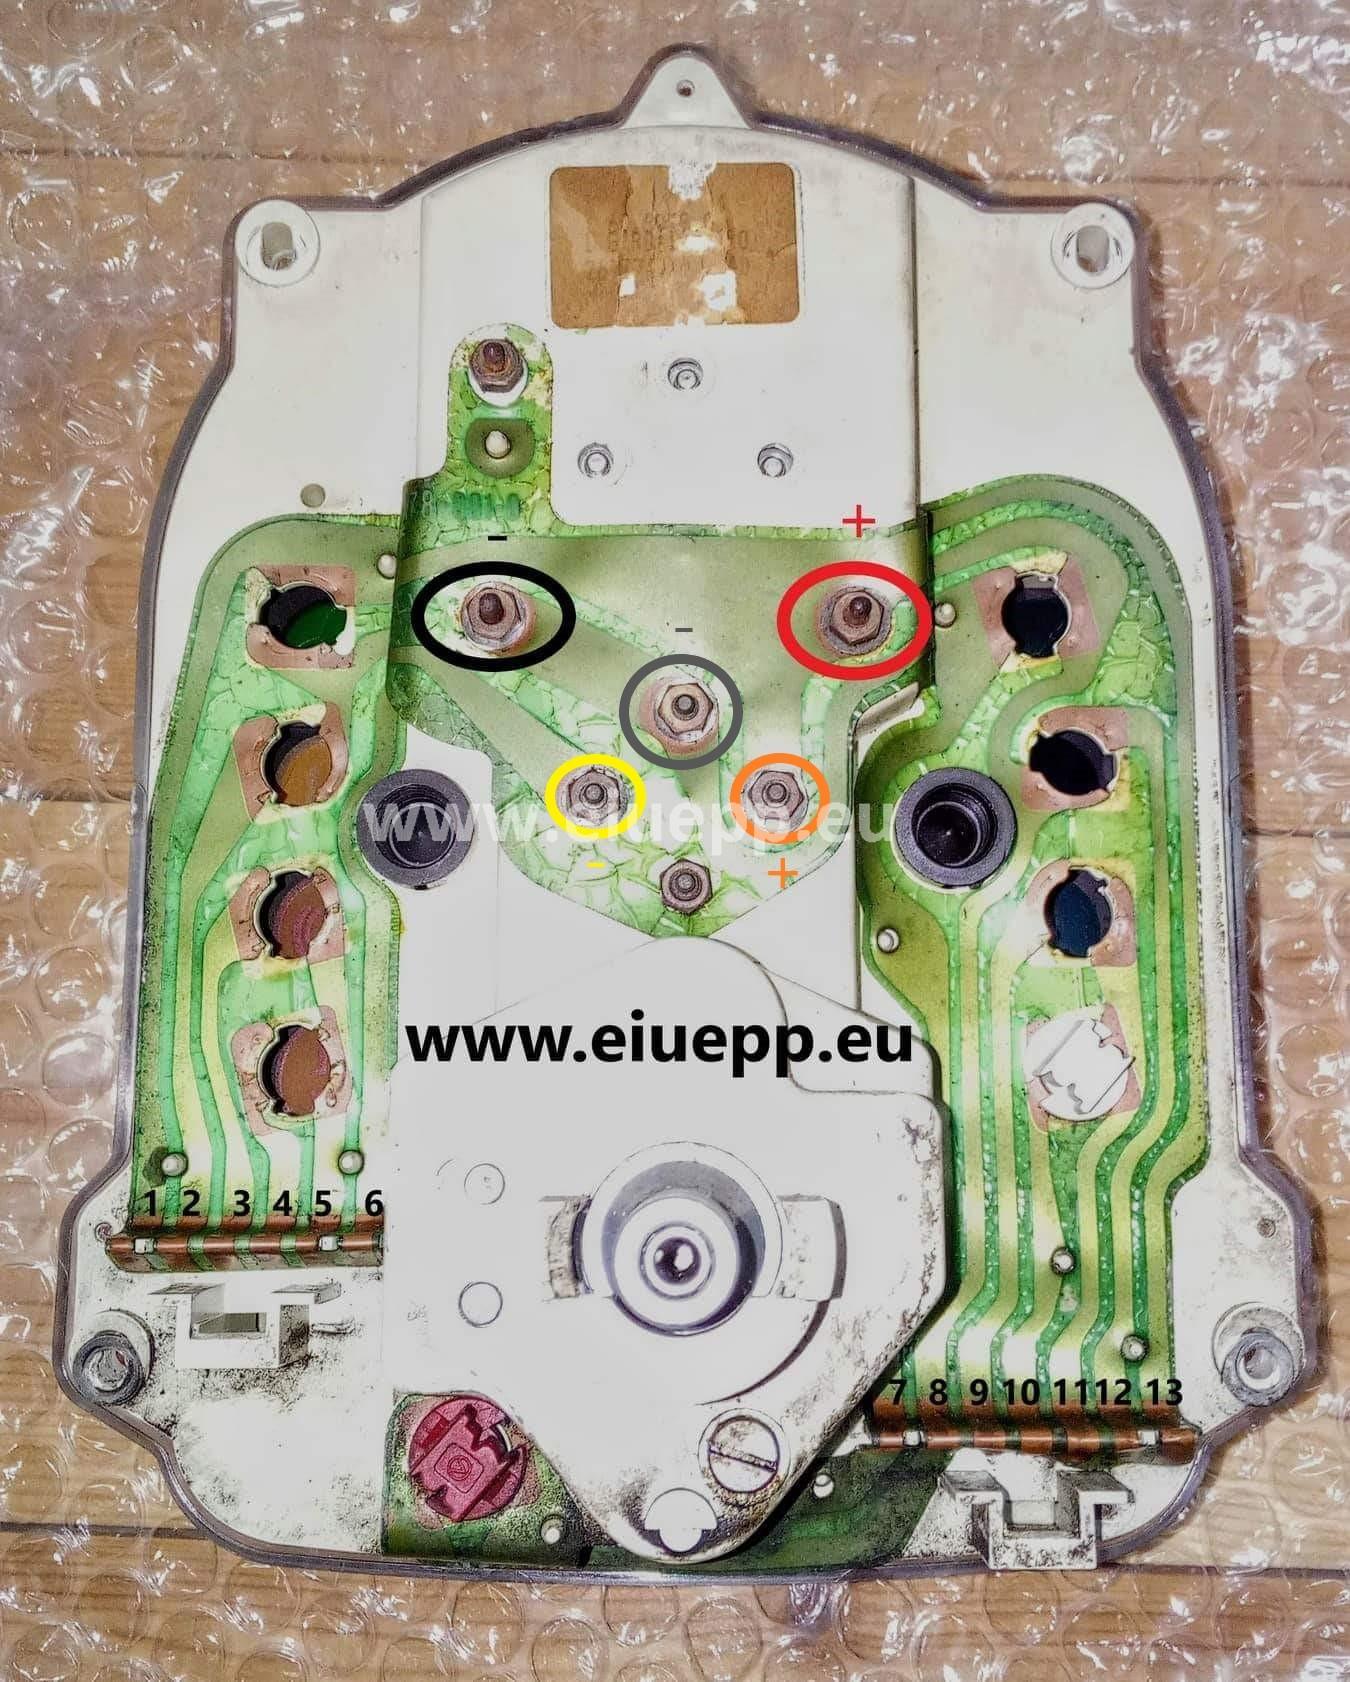 Schema Elettrico Frecce Auto : Conversione impianto elettrico in corrente continua senza modifiche